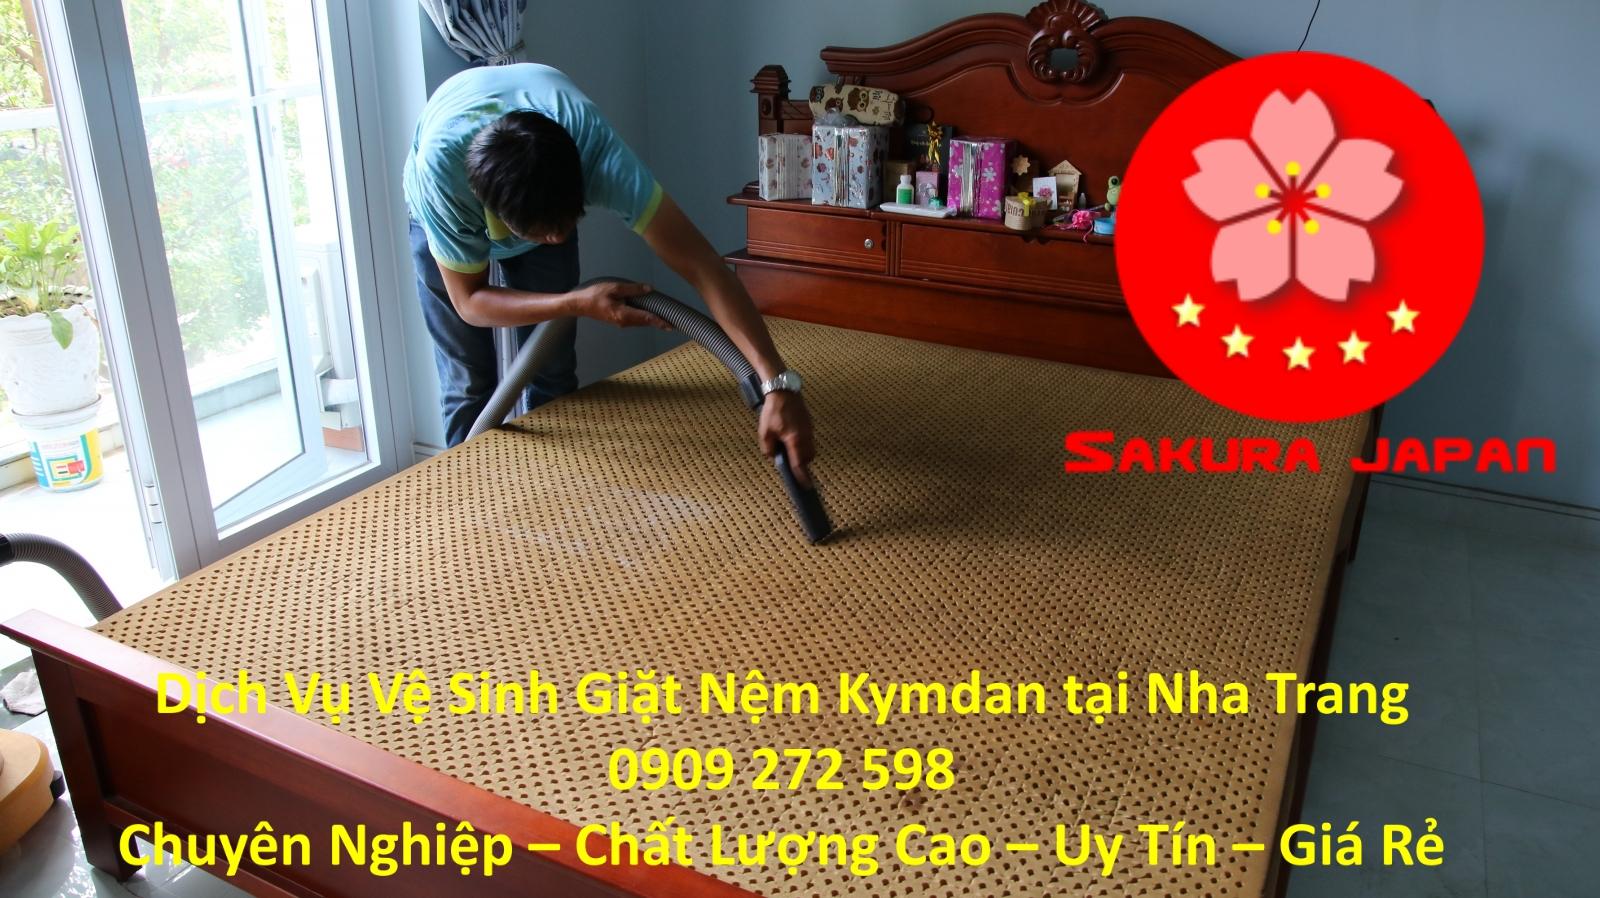 Dịch vụ Vệ Sinh Giặt Nệm Kymdan Tại Nha Trang Uy Tín Nhất